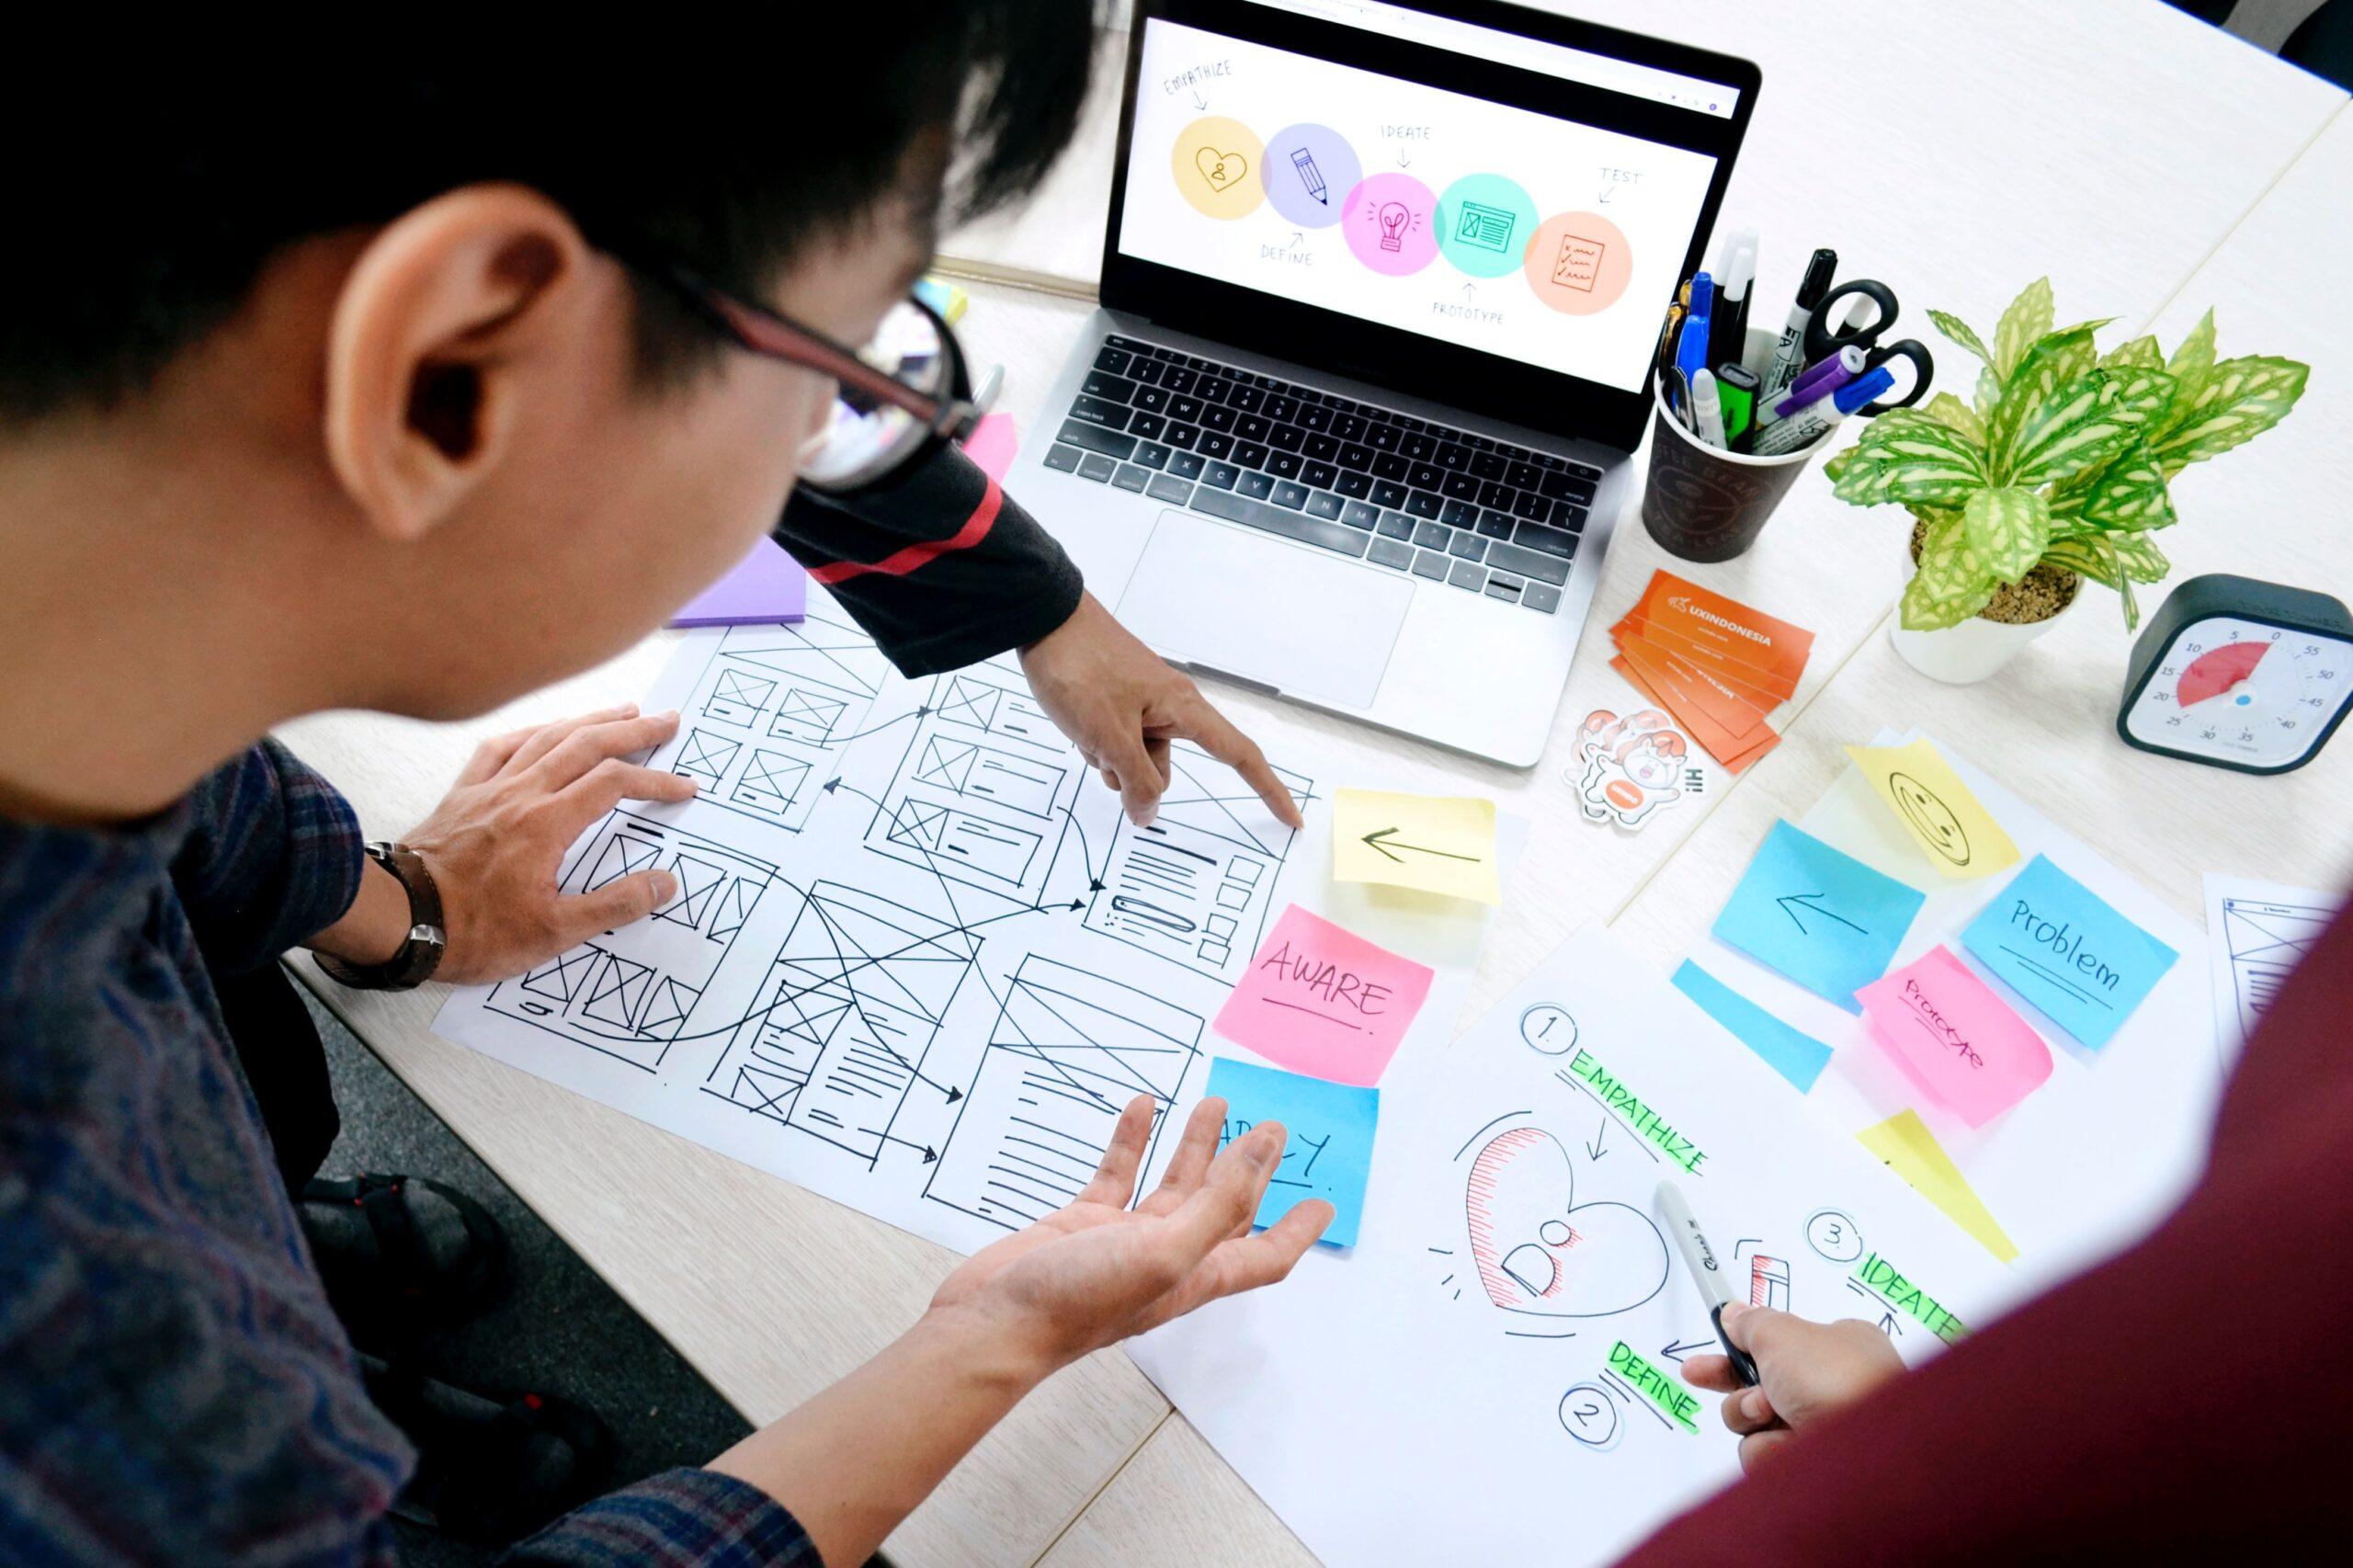 Como melhorar os resultados de um negócio aliando dados e design?